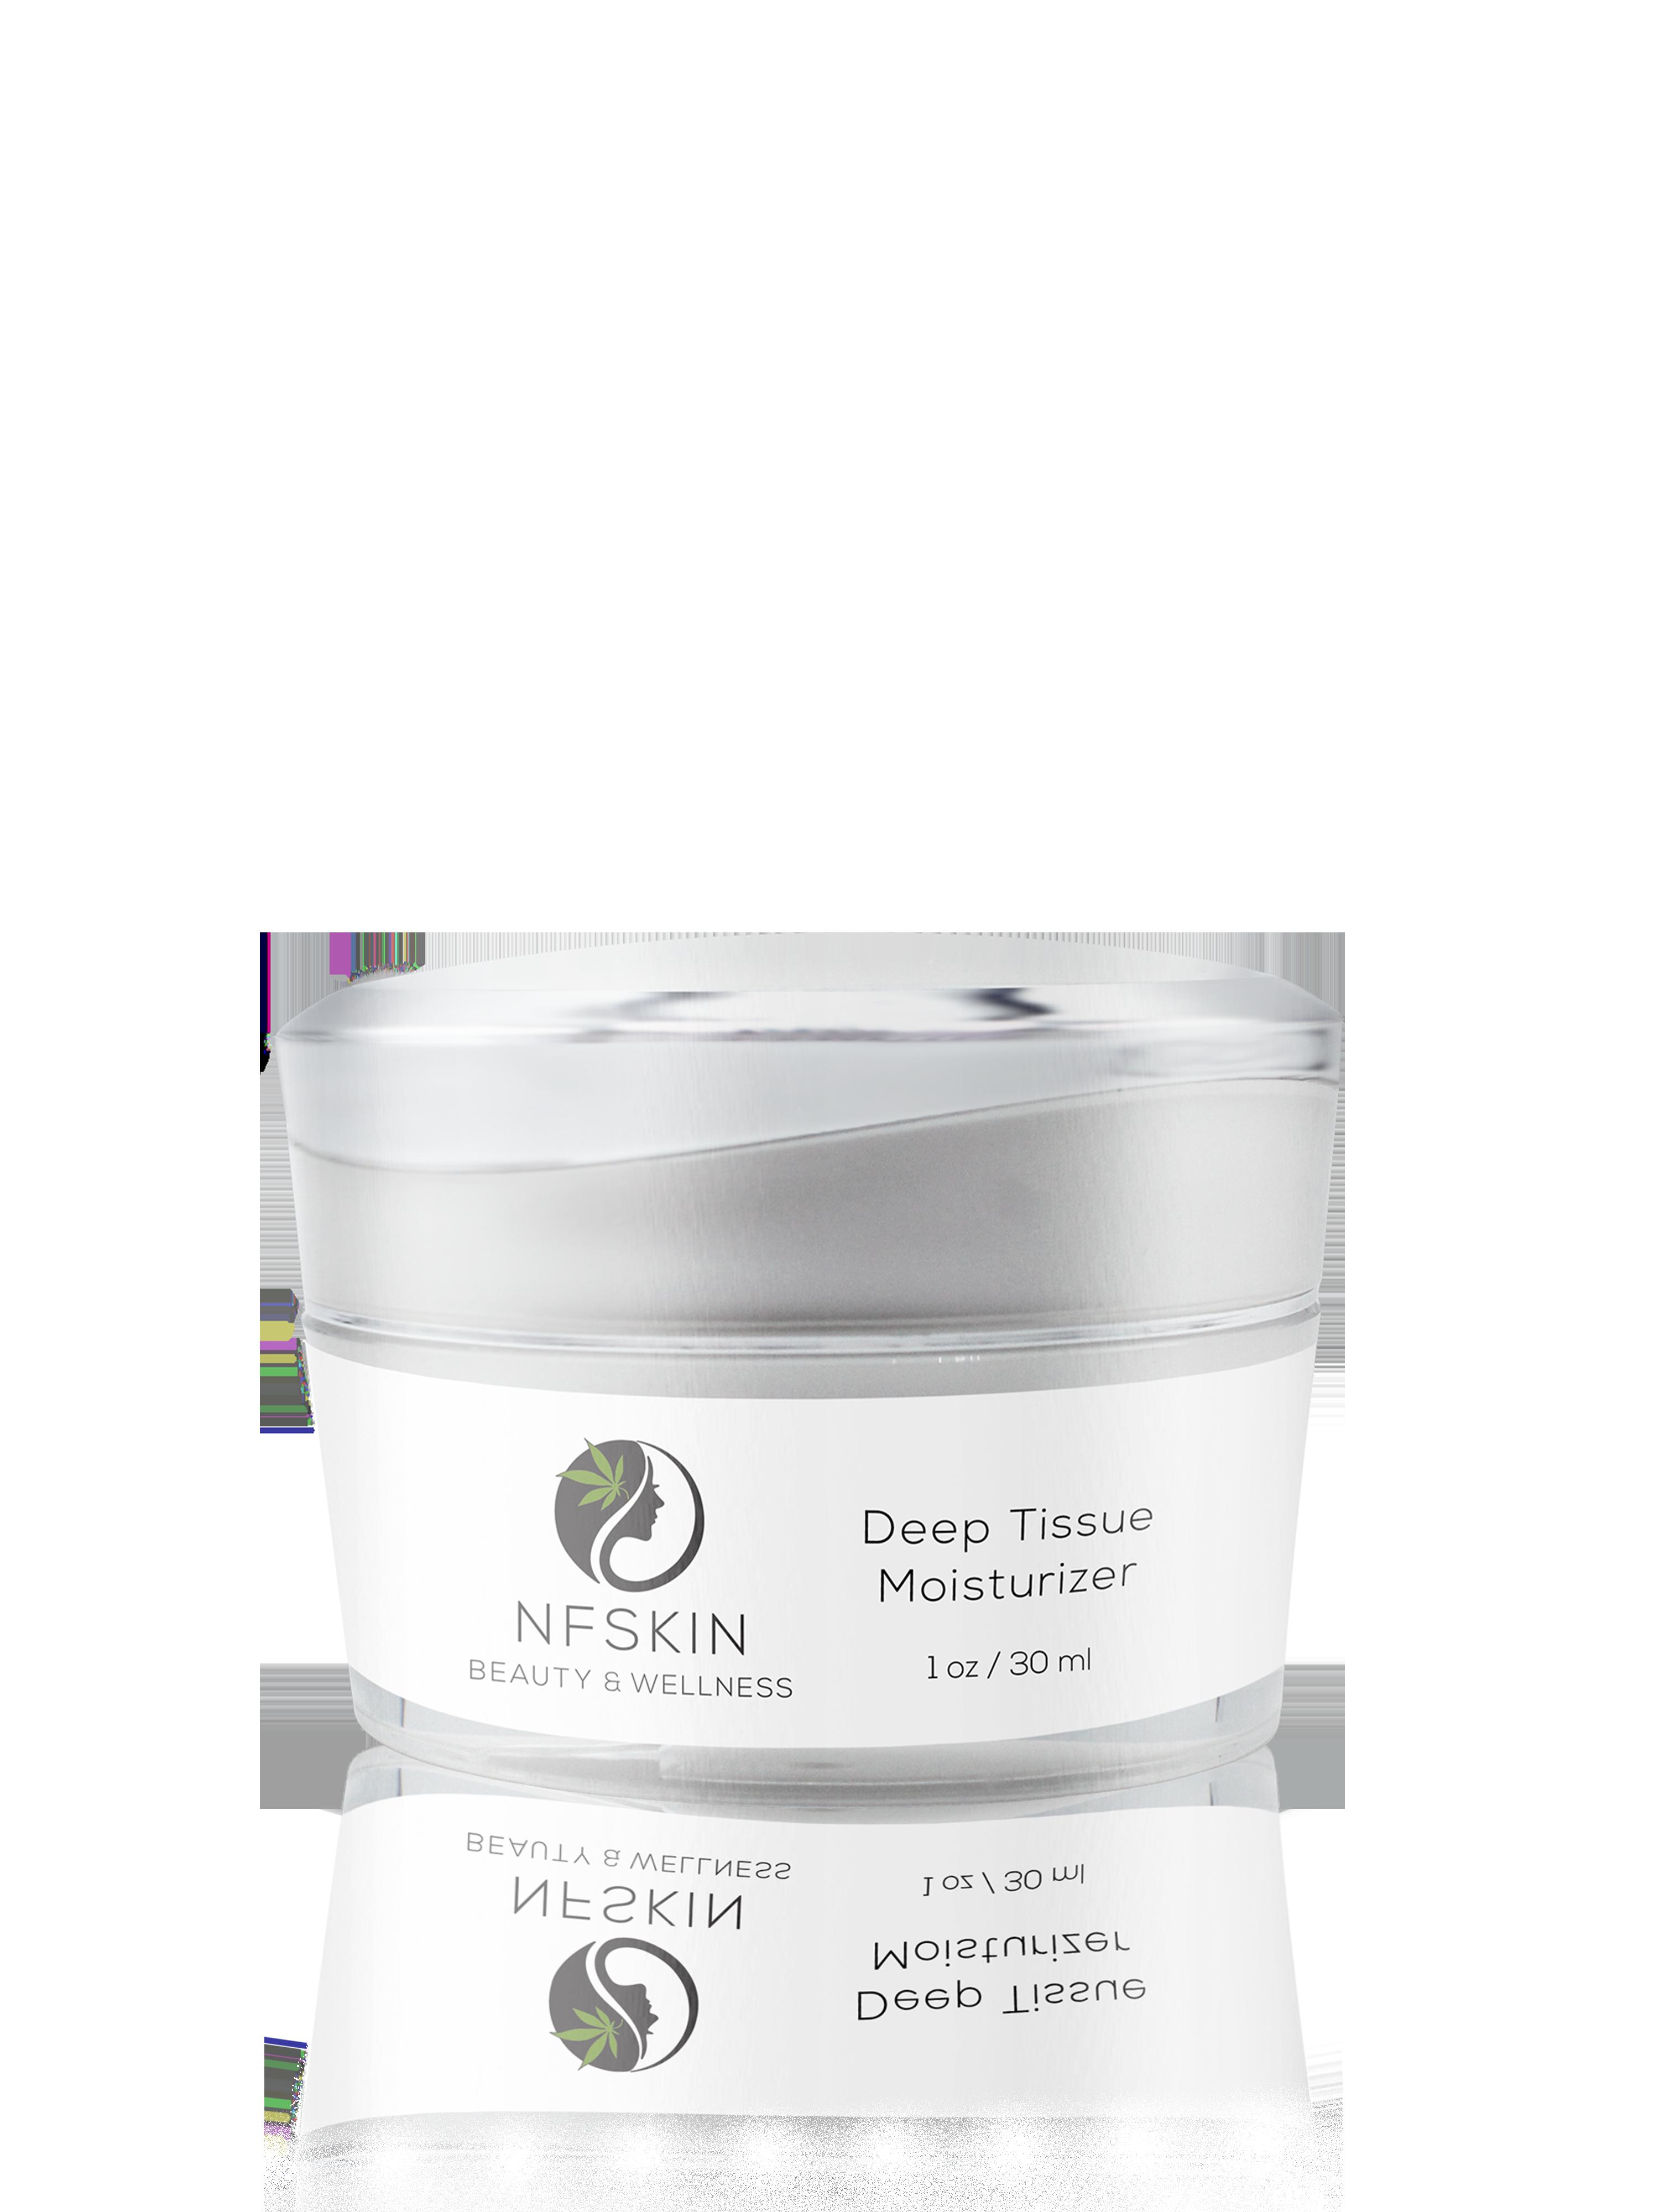 Deep Tissue Moisturizer